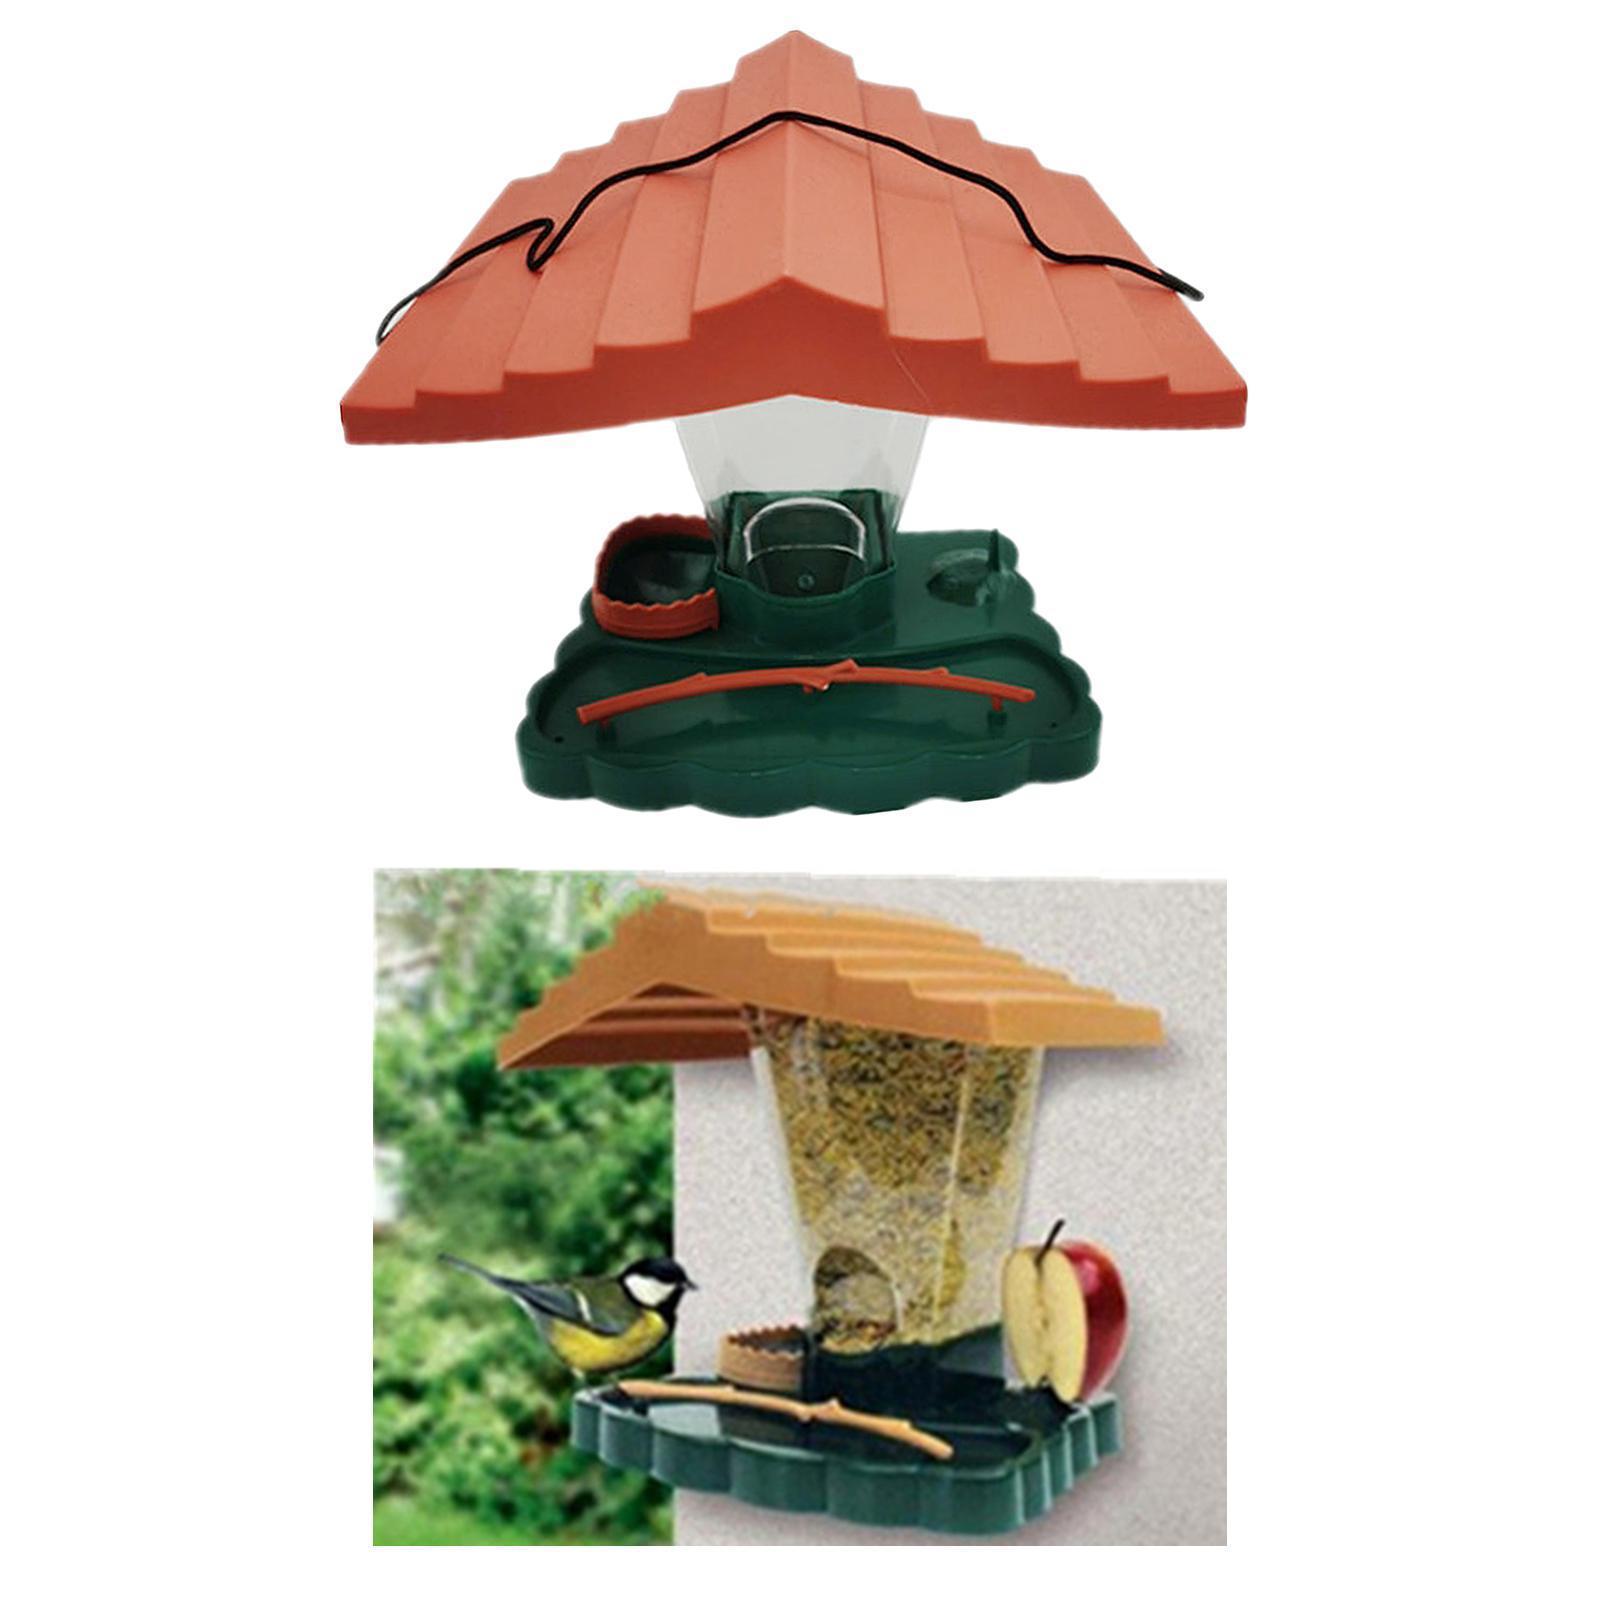 thumbnail 7 - Prime Suspendus Mangeoire pour les Oiseaux Sauvages pour Jardin Cour